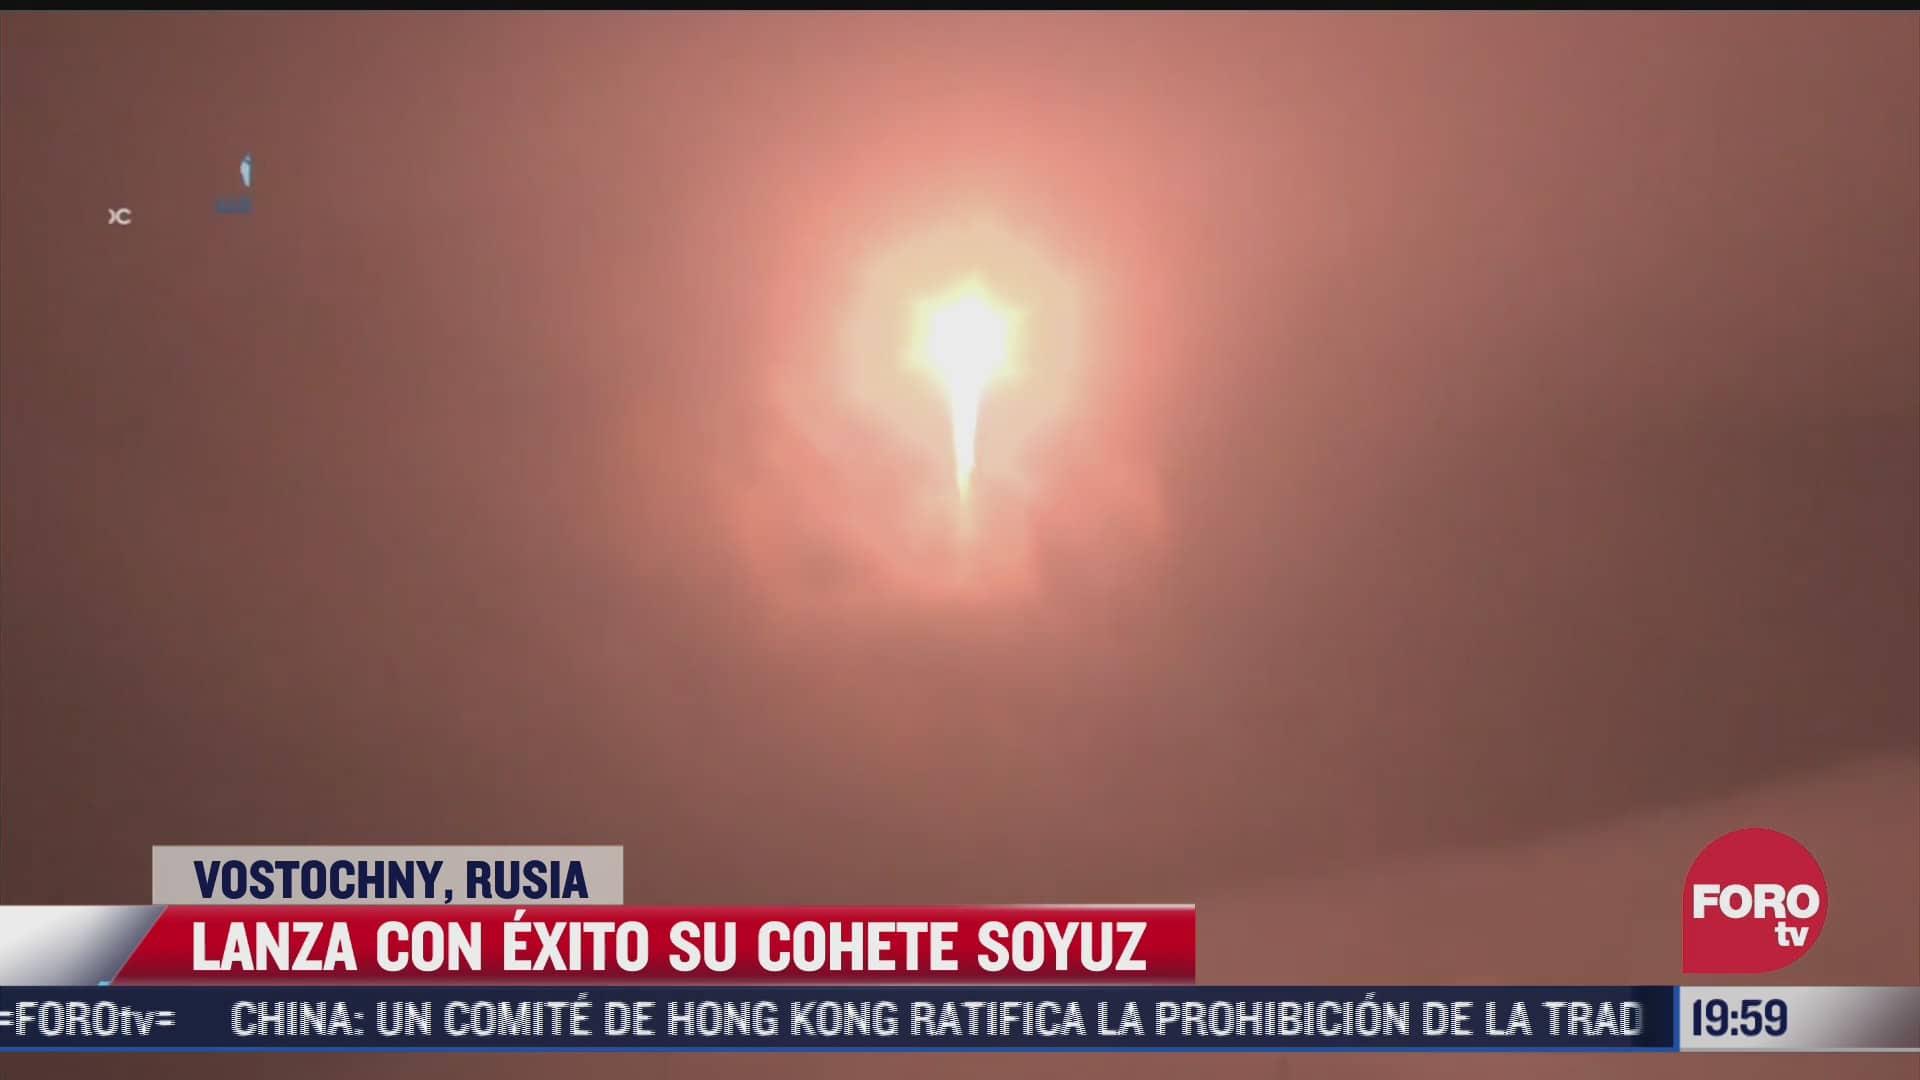 rusia lanza cohete soyuz con 36 satelites